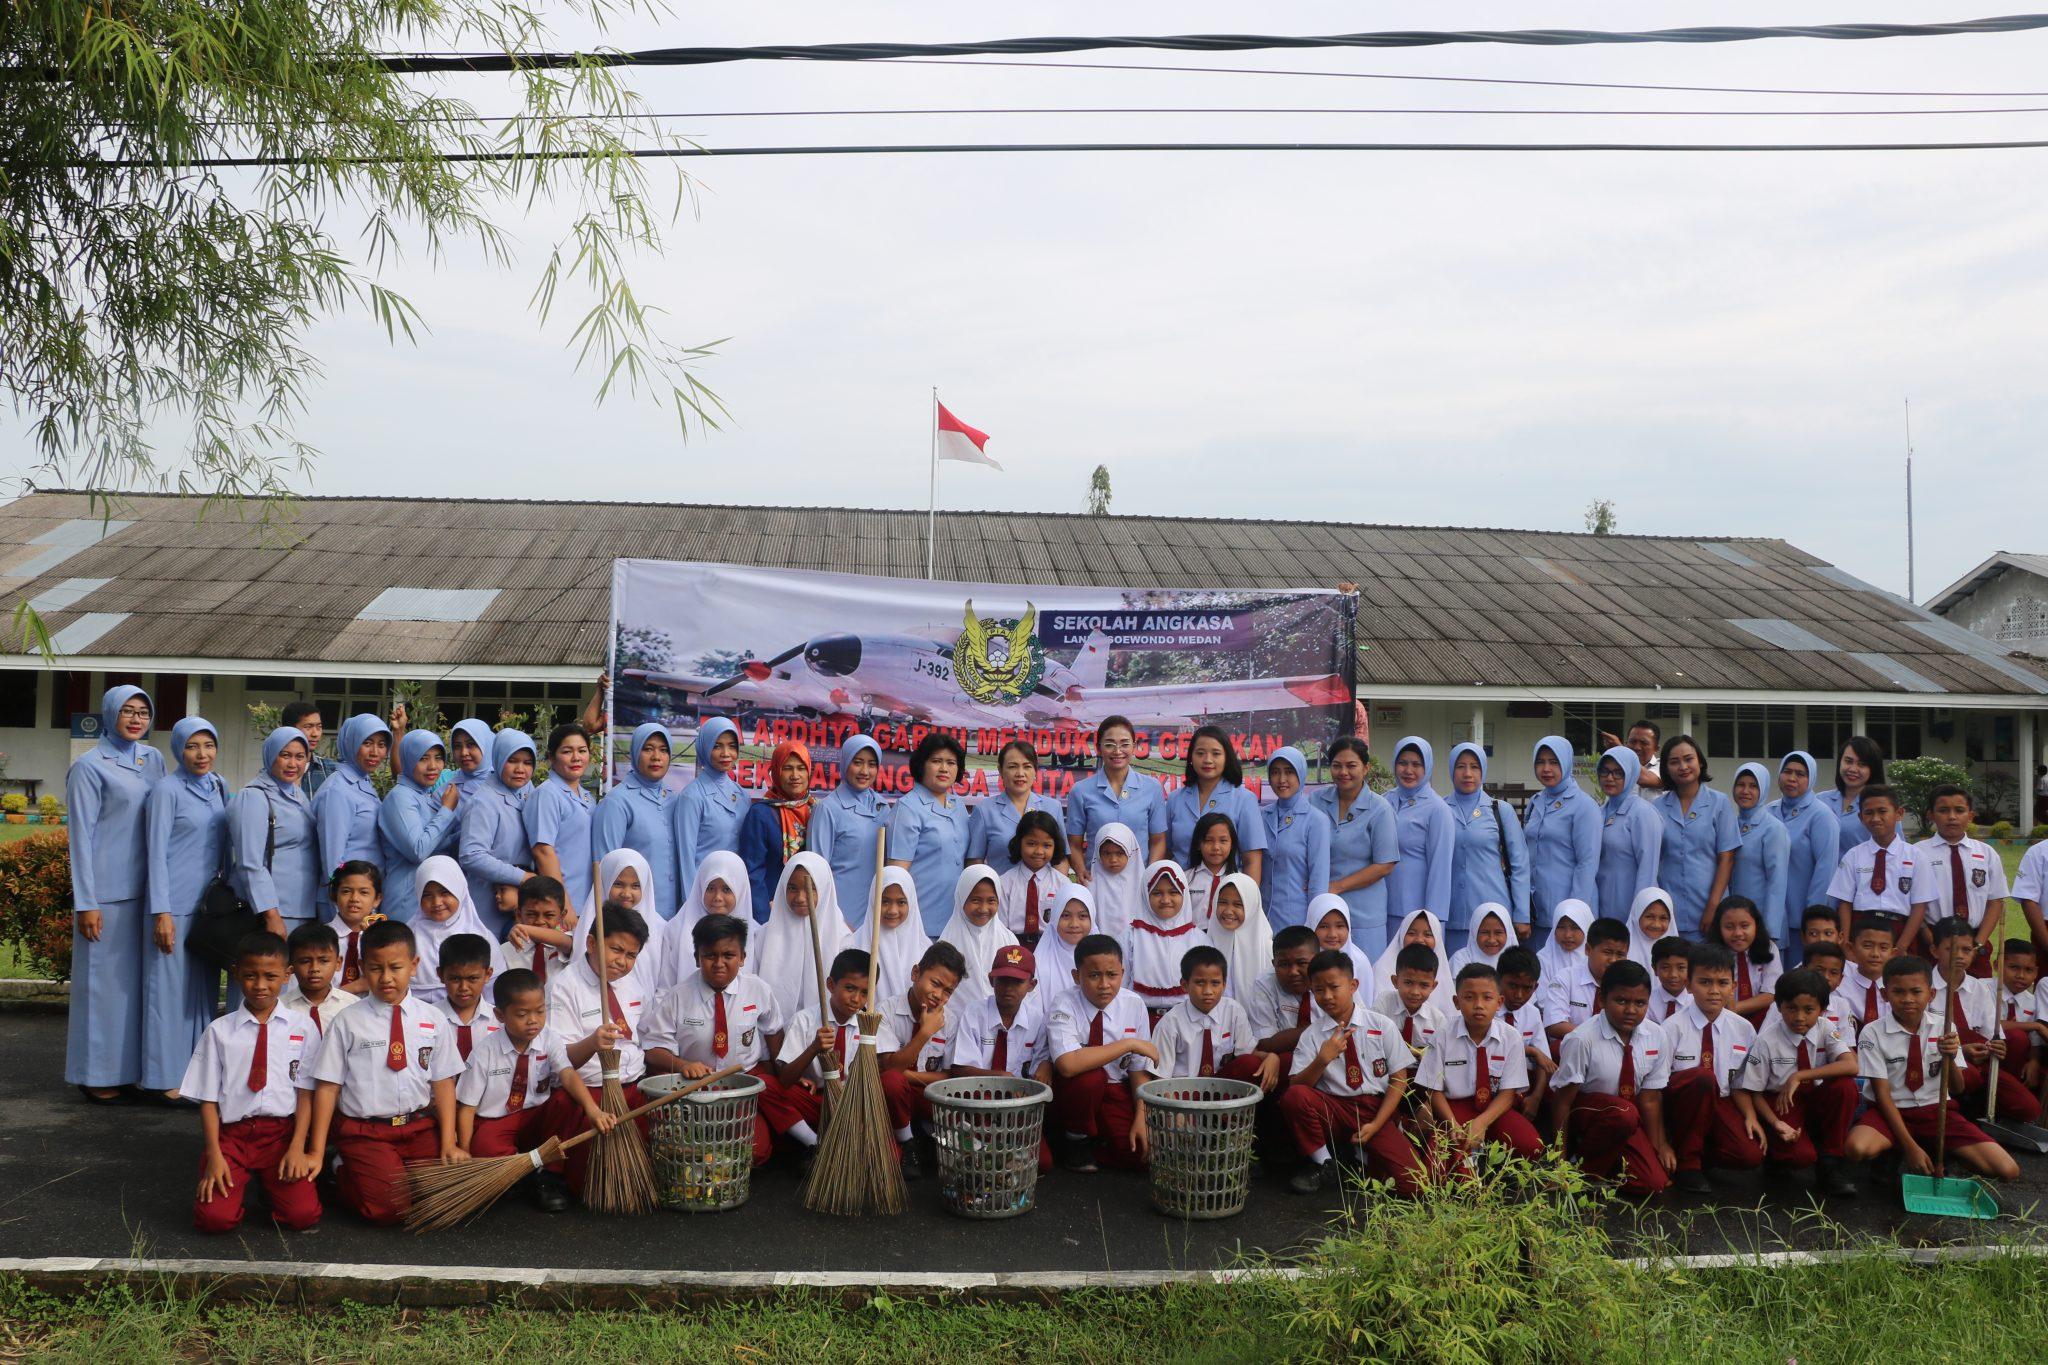 PIA Ardhya Garini Bakorcab Medan Laksanakan Gerakan Sekolah Angkasa Cinta Lingkungan